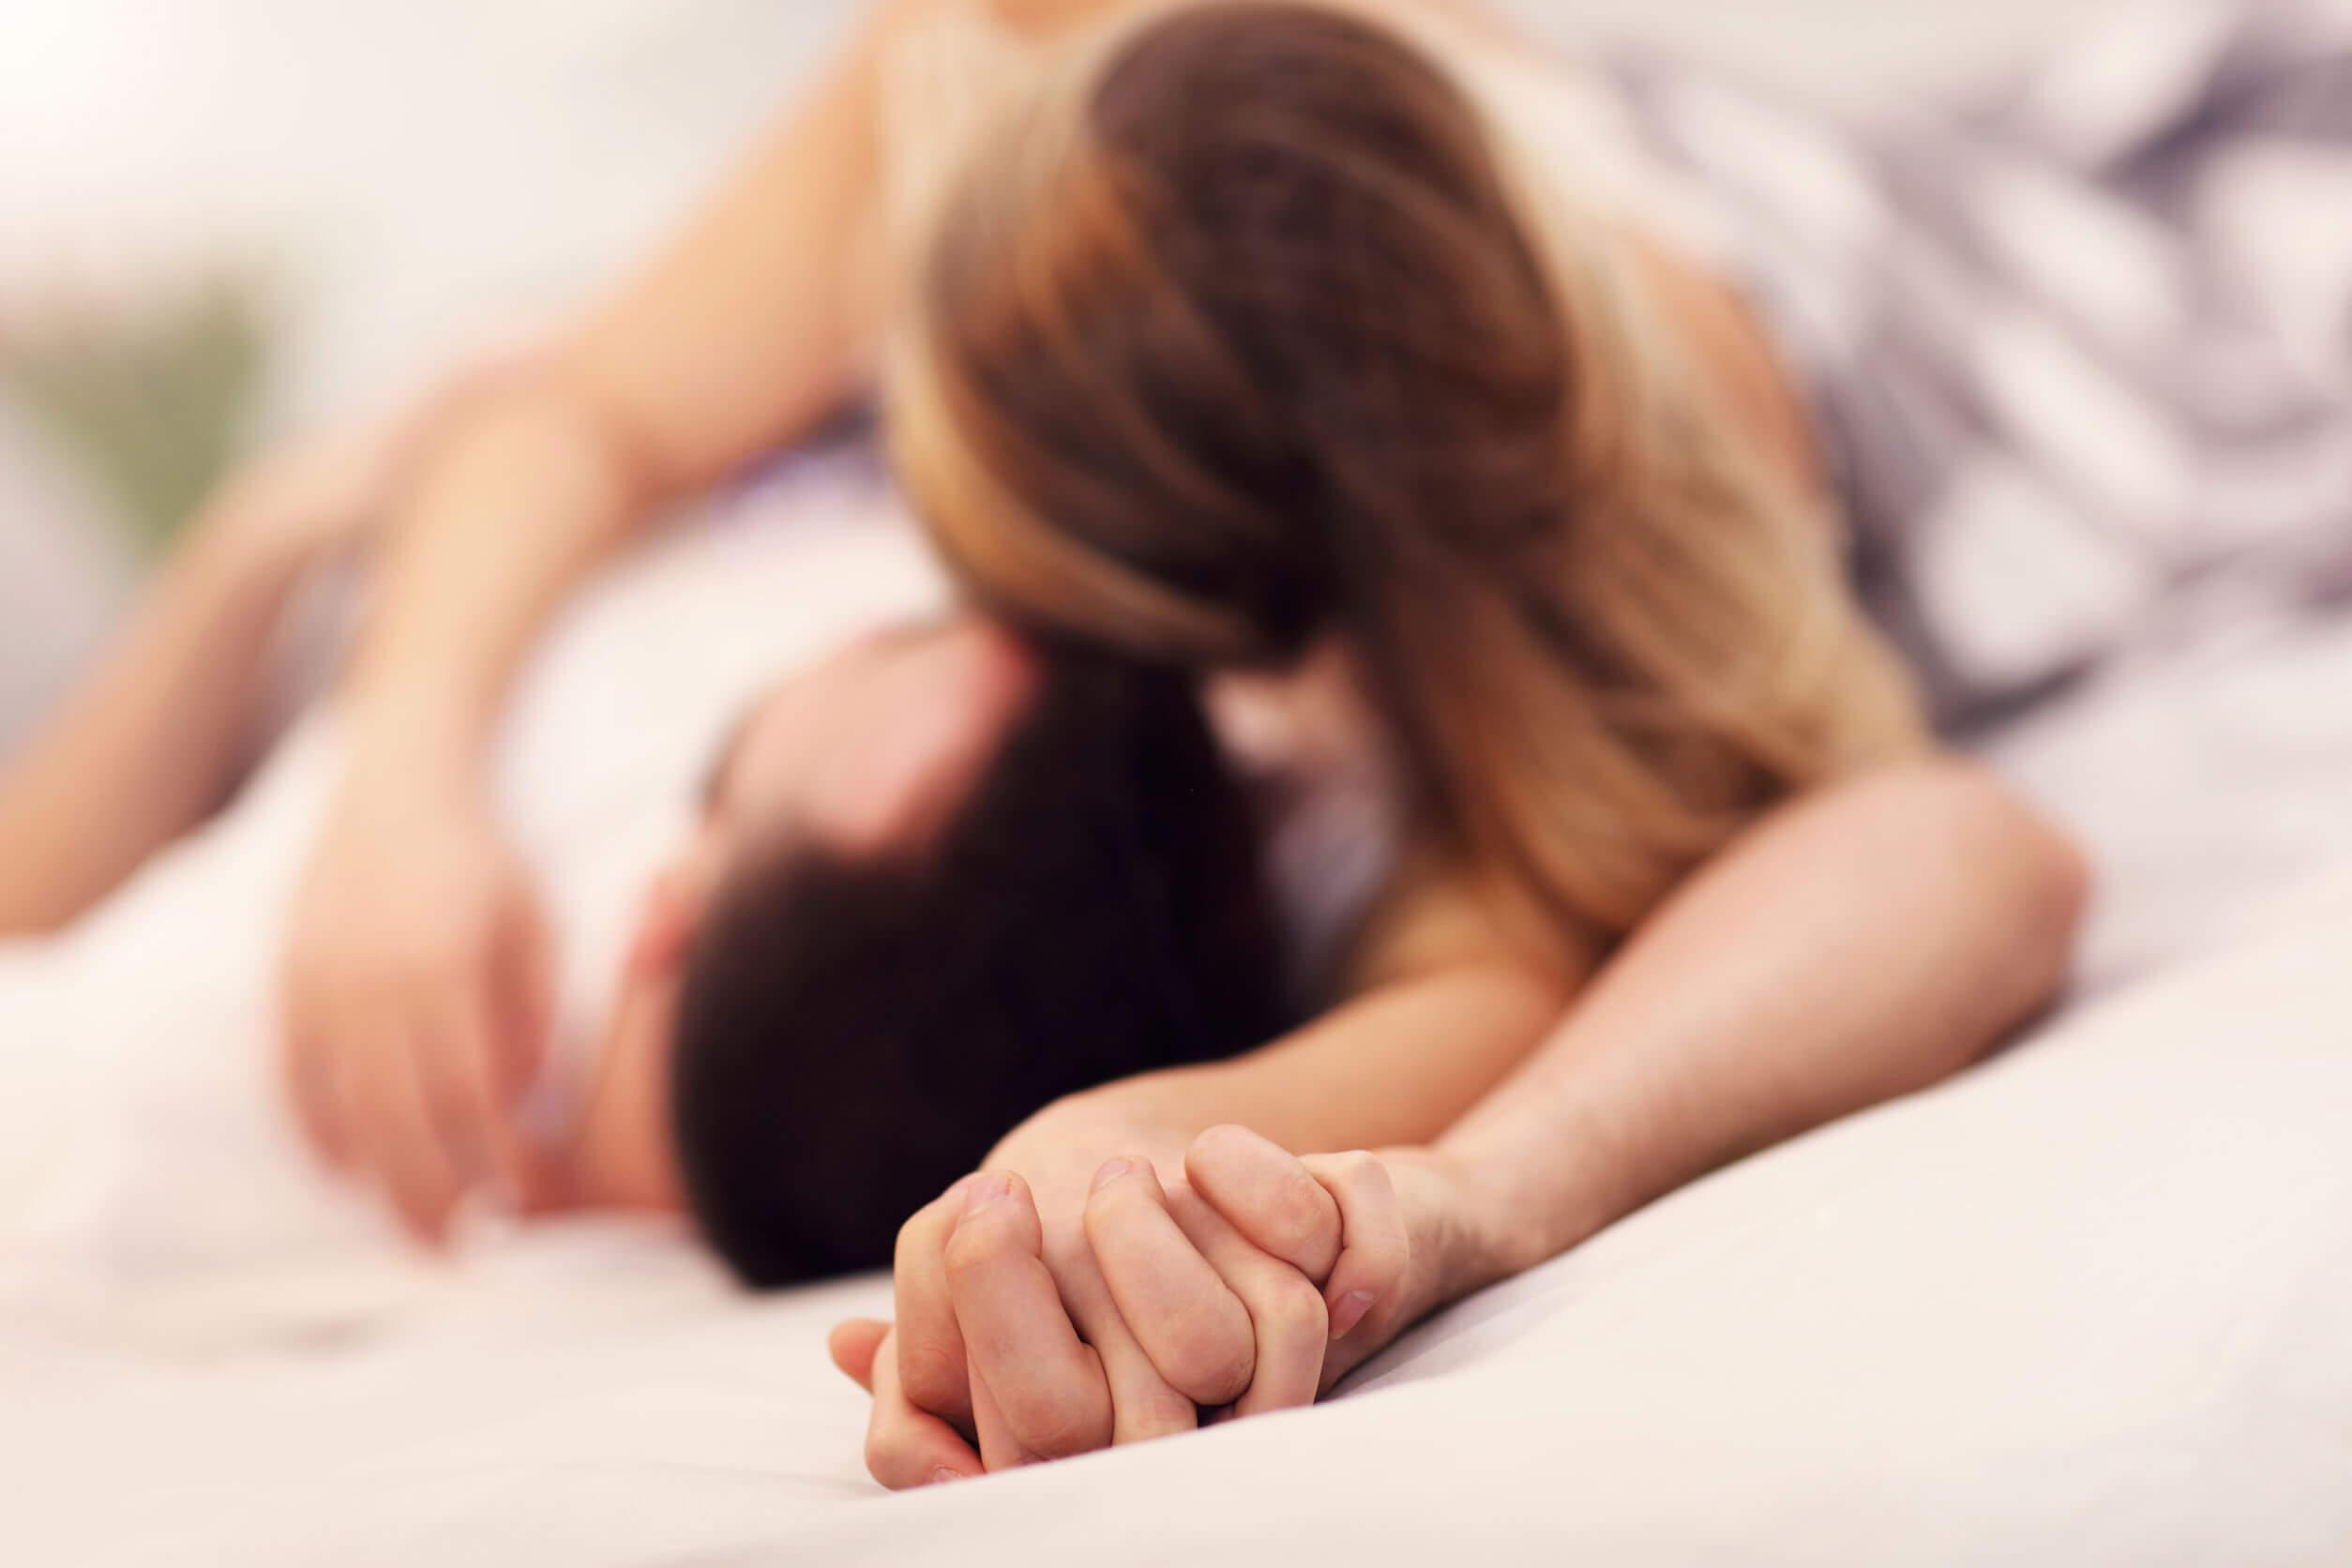 Uno de los principales mitos de la sexualidad es sobre los beneficios del sexo oral.